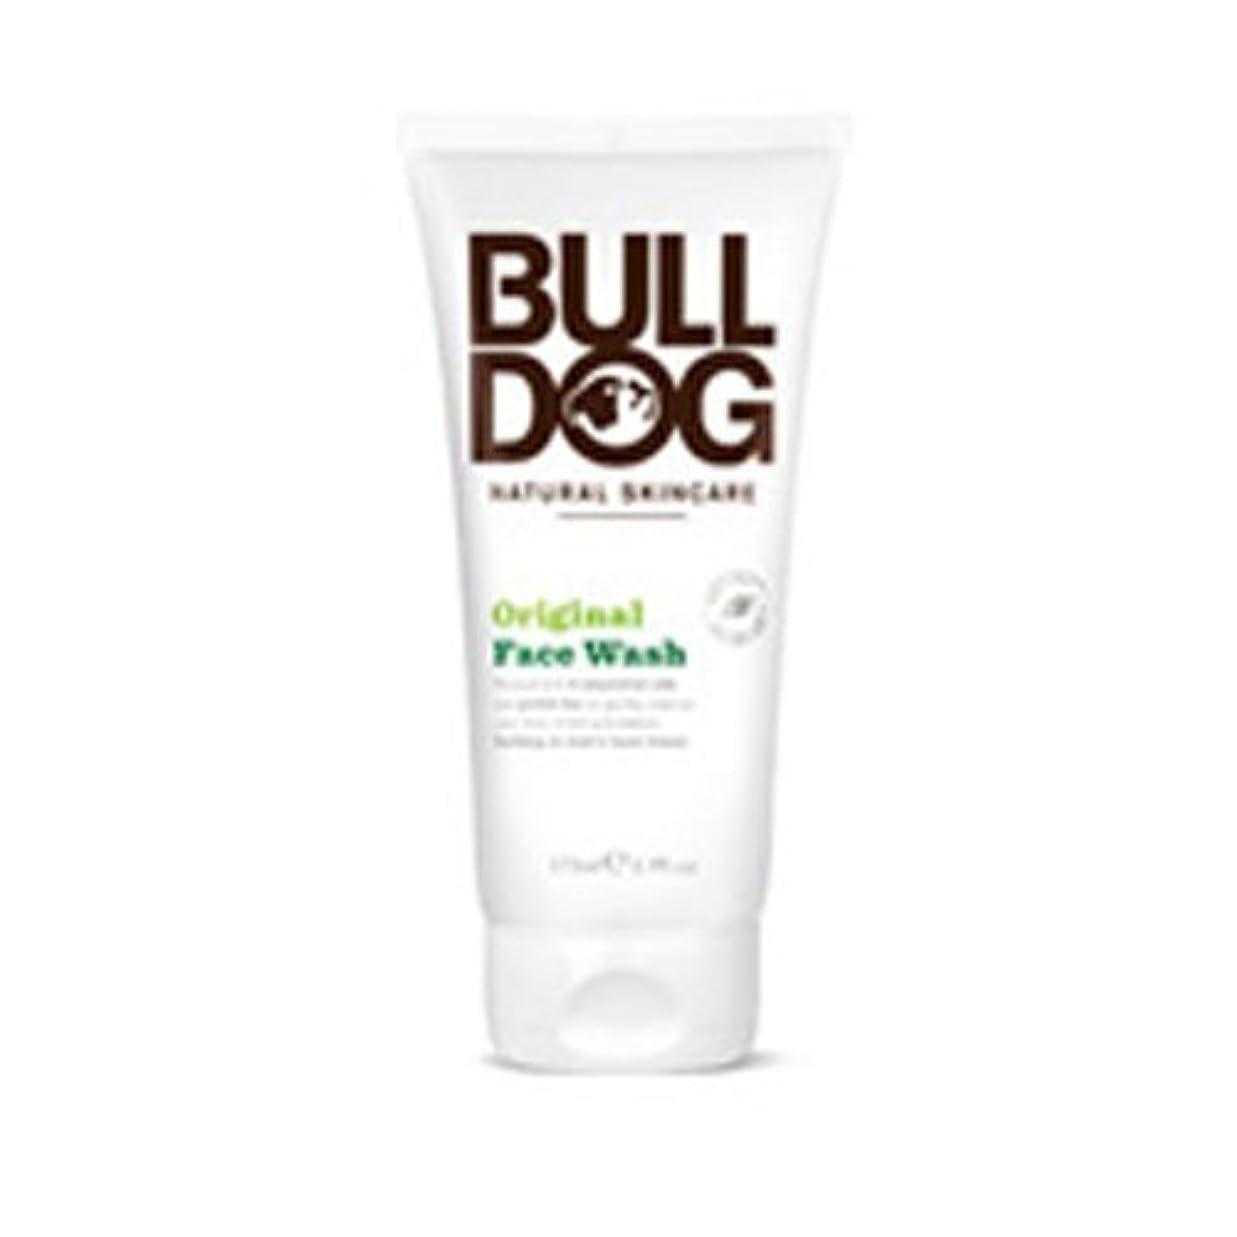 申し立てる支払い長さ海外直送品Original Face Wash, 5.9 oz by Bulldog Natural Skincare